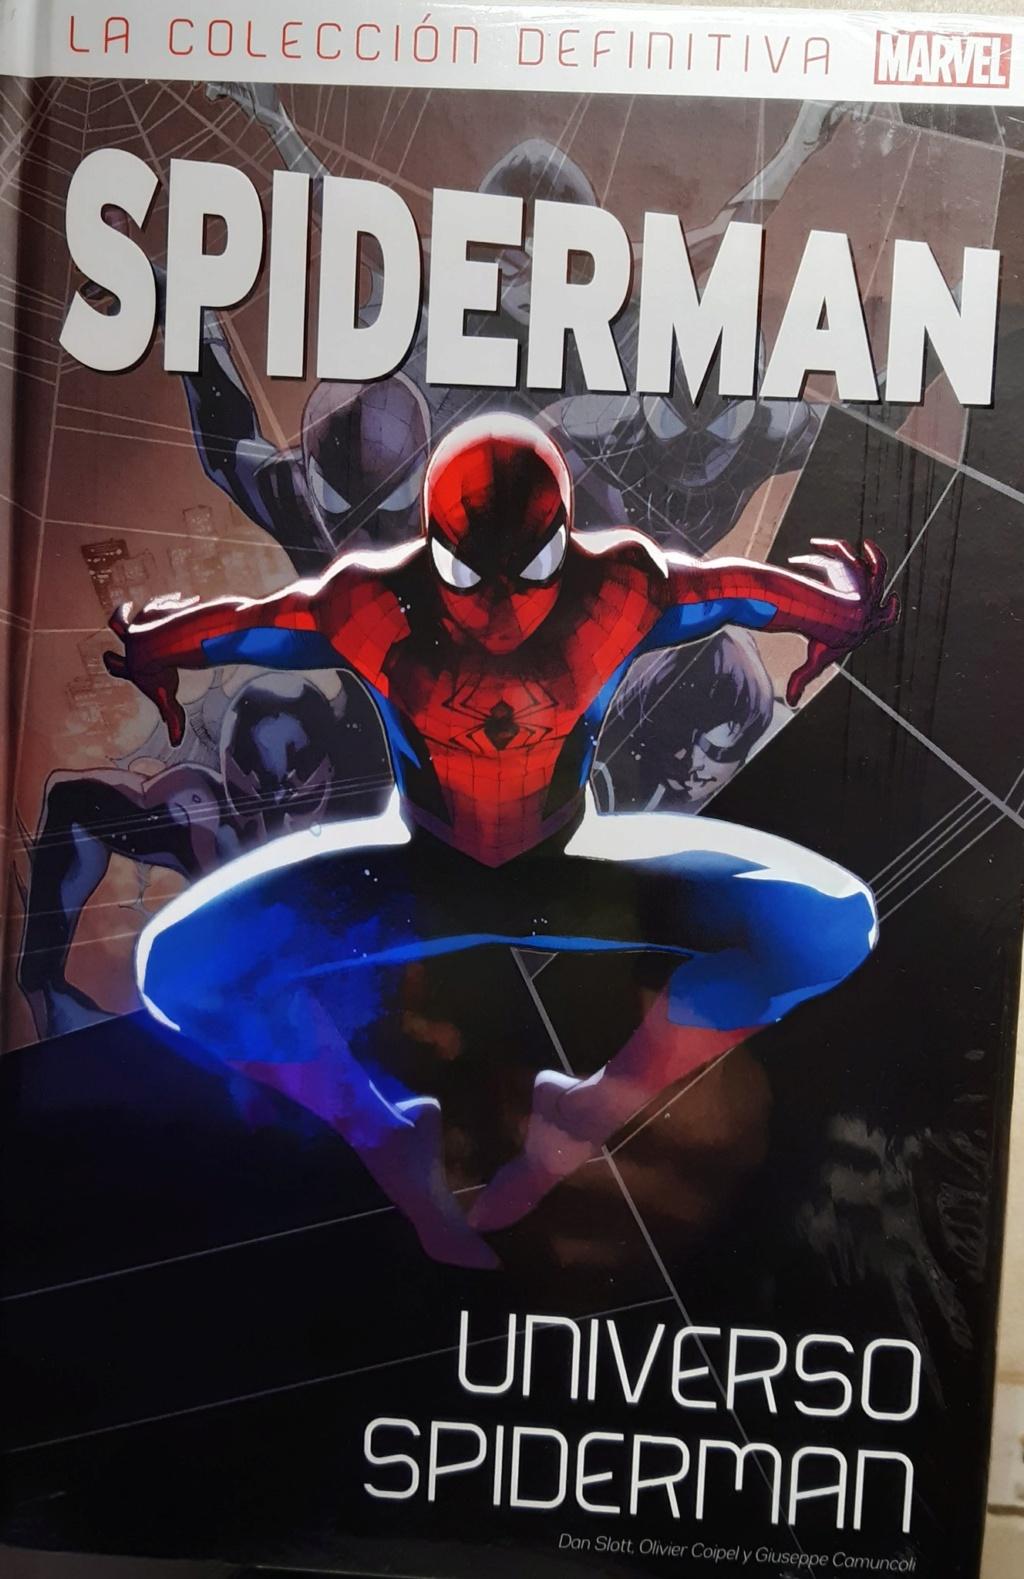 1-5 - [Marvel - SALVAT] SPIDERMAN La Colección Definitiva en Argentina - Página 6 Ebwyde10